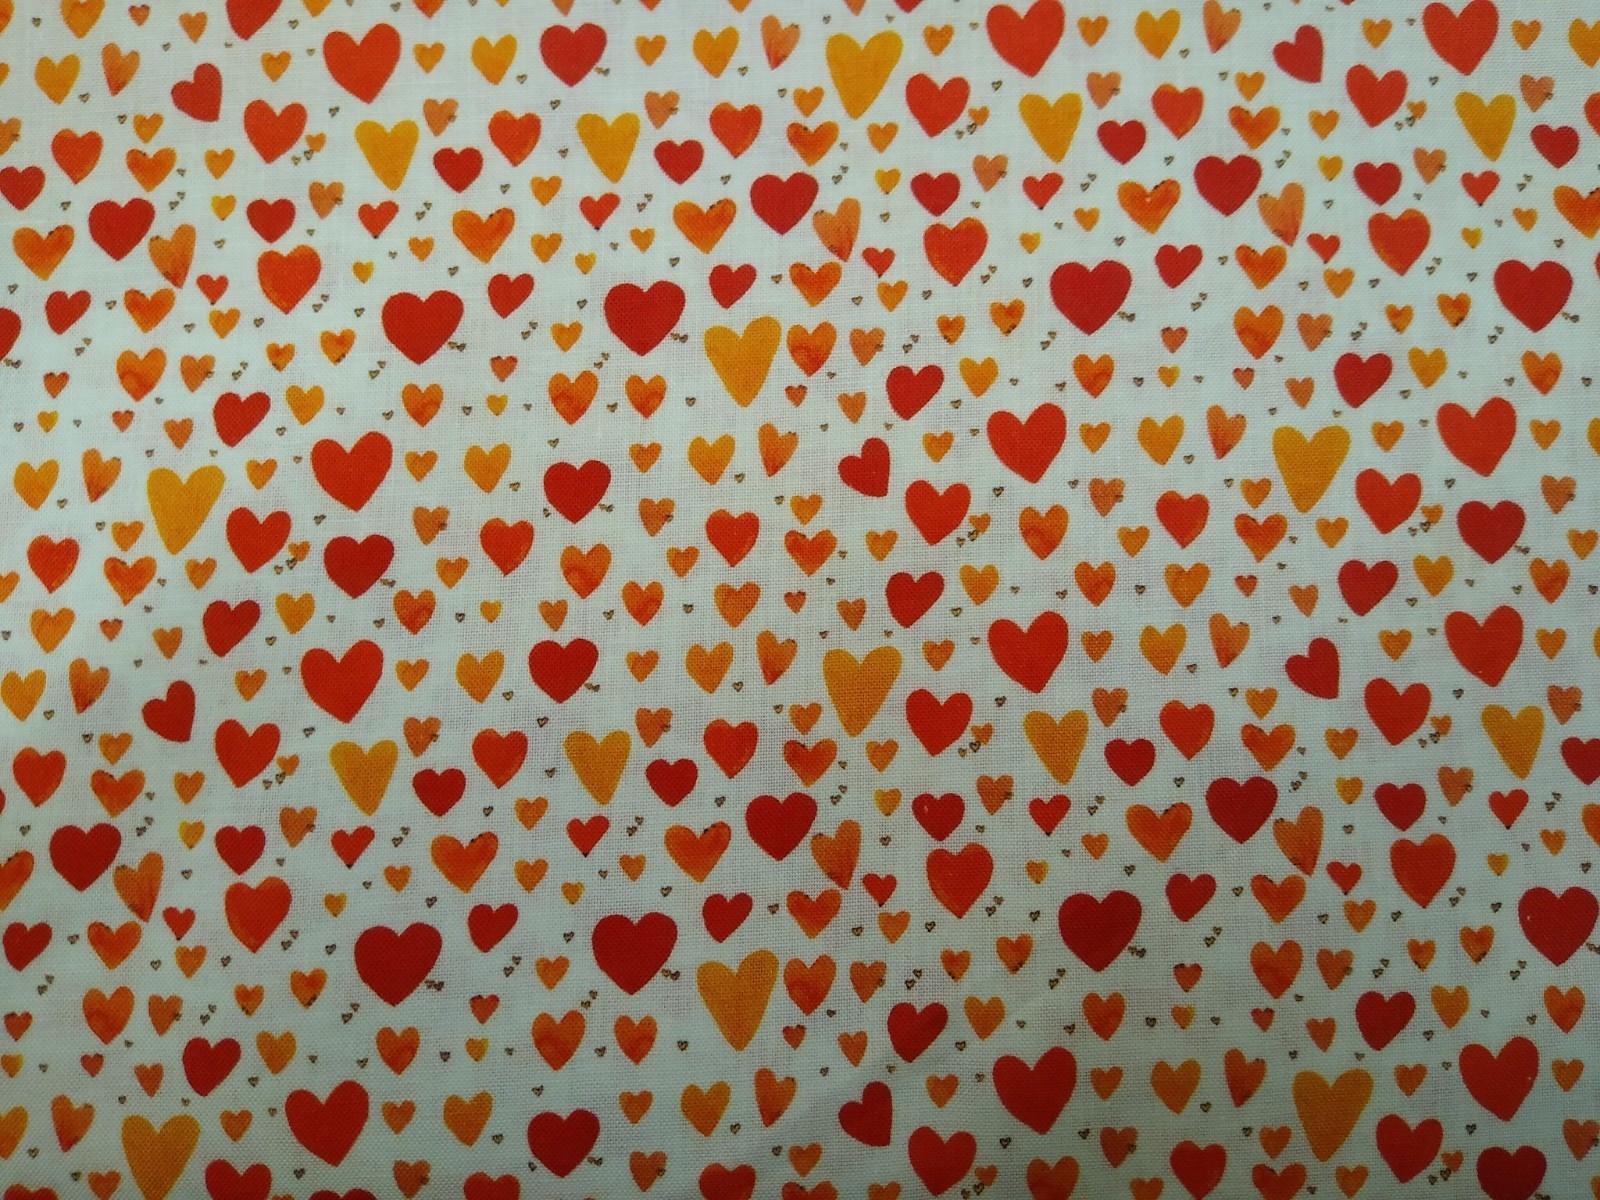 Baumwolle Herzen orange rot, 110cm breit, 0.5m 10.00€